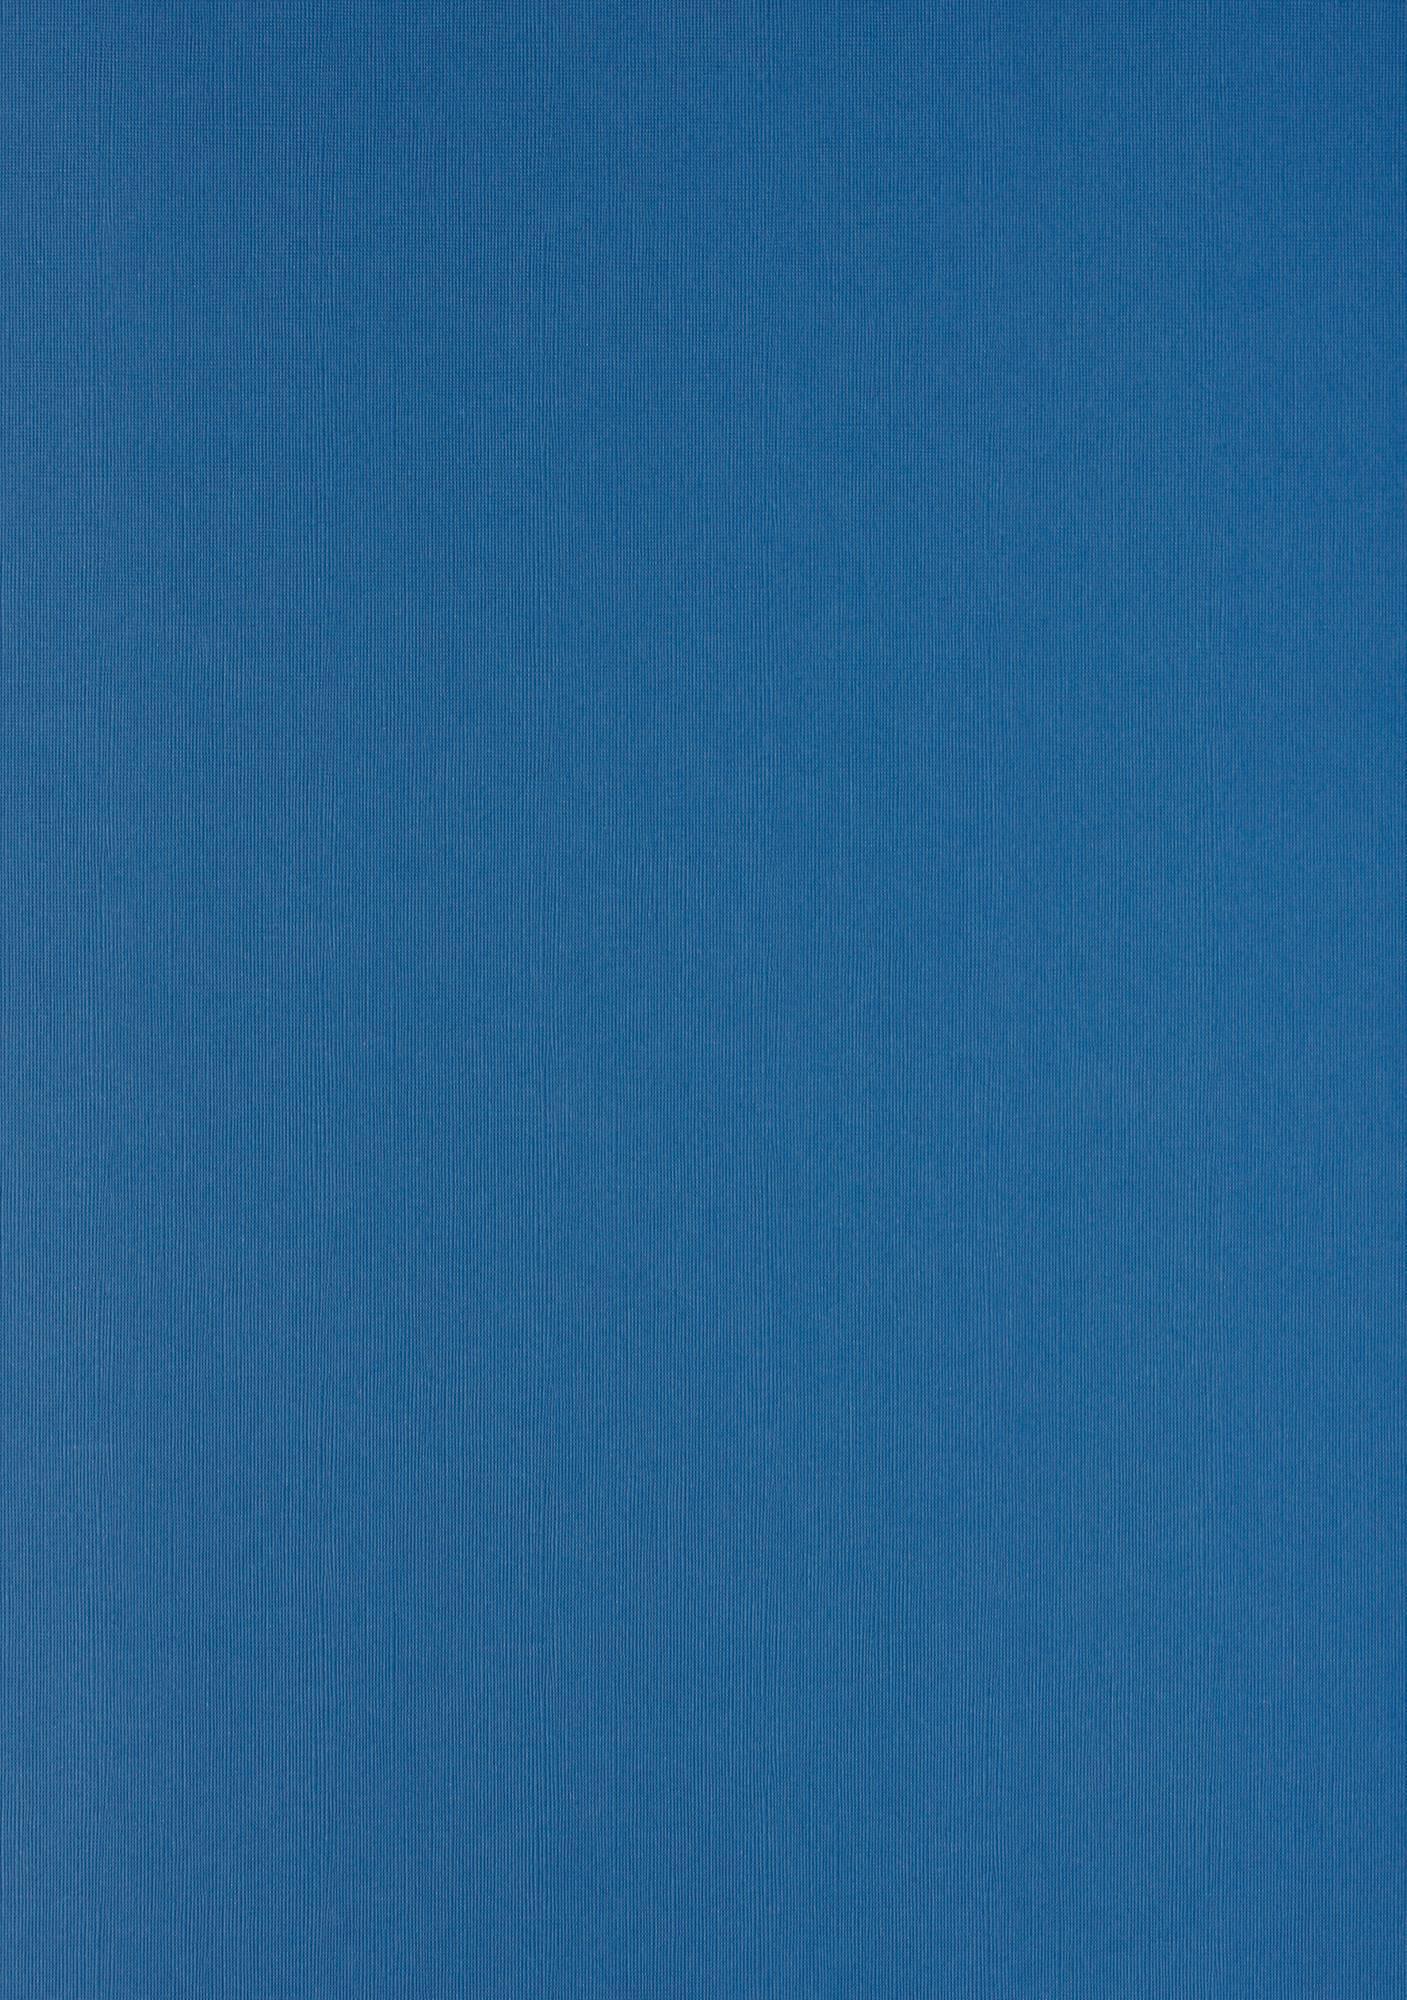 Stabiler, dunkelblauer Karton in DIN A4 mit feiner Leinenstruktur, 270 g/qm, optimalen Schutz